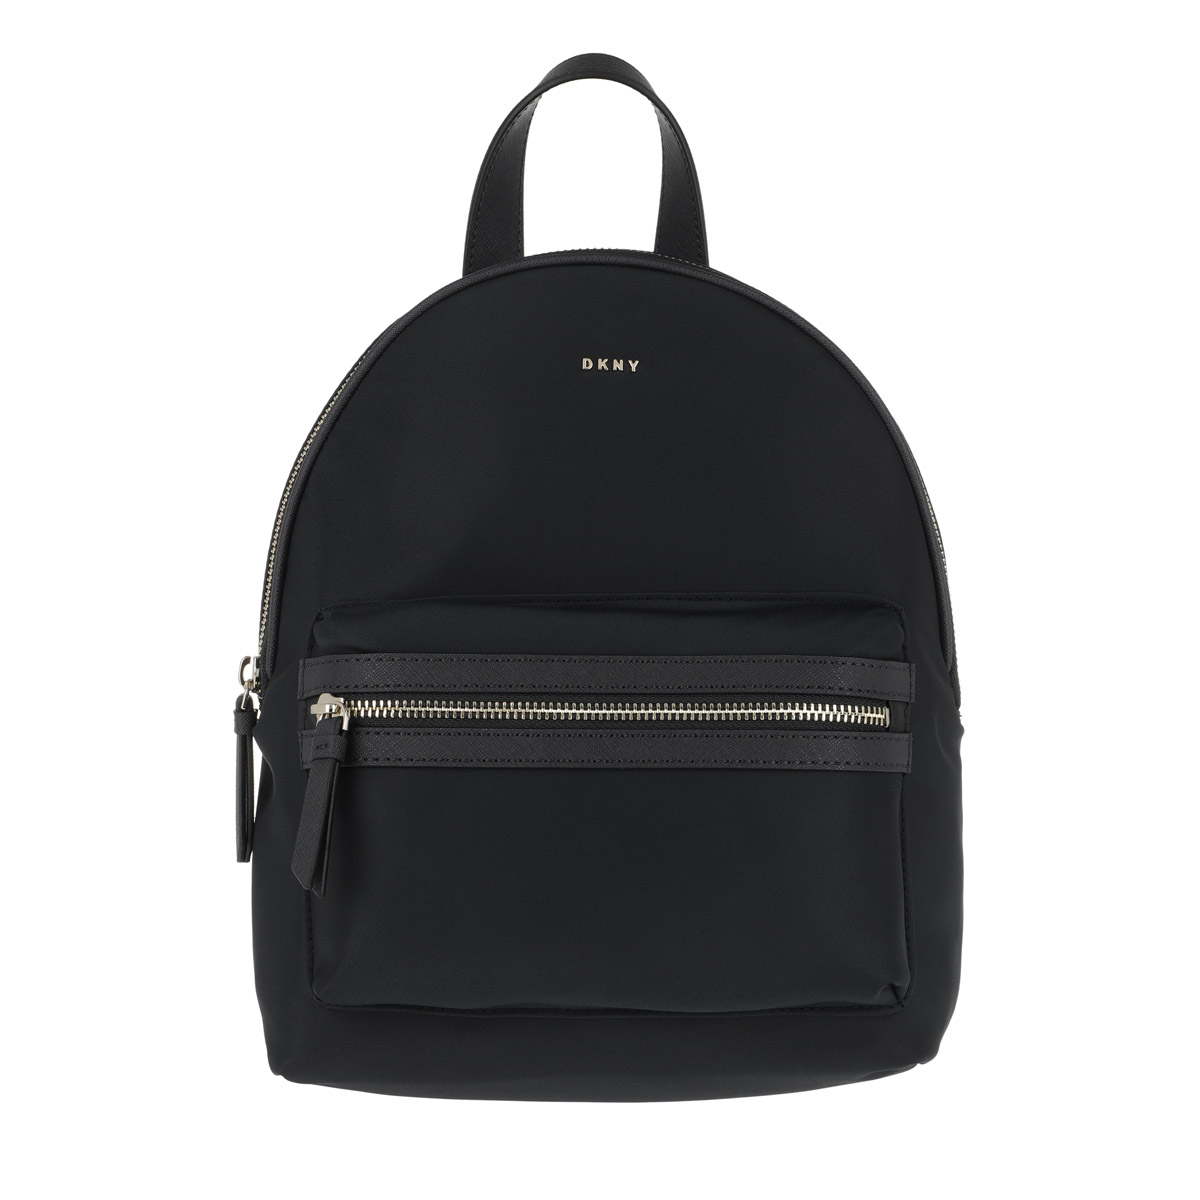 DKNY Rucksack - Casey Medium Backpack Black/Silver - in schwarz - für Damen